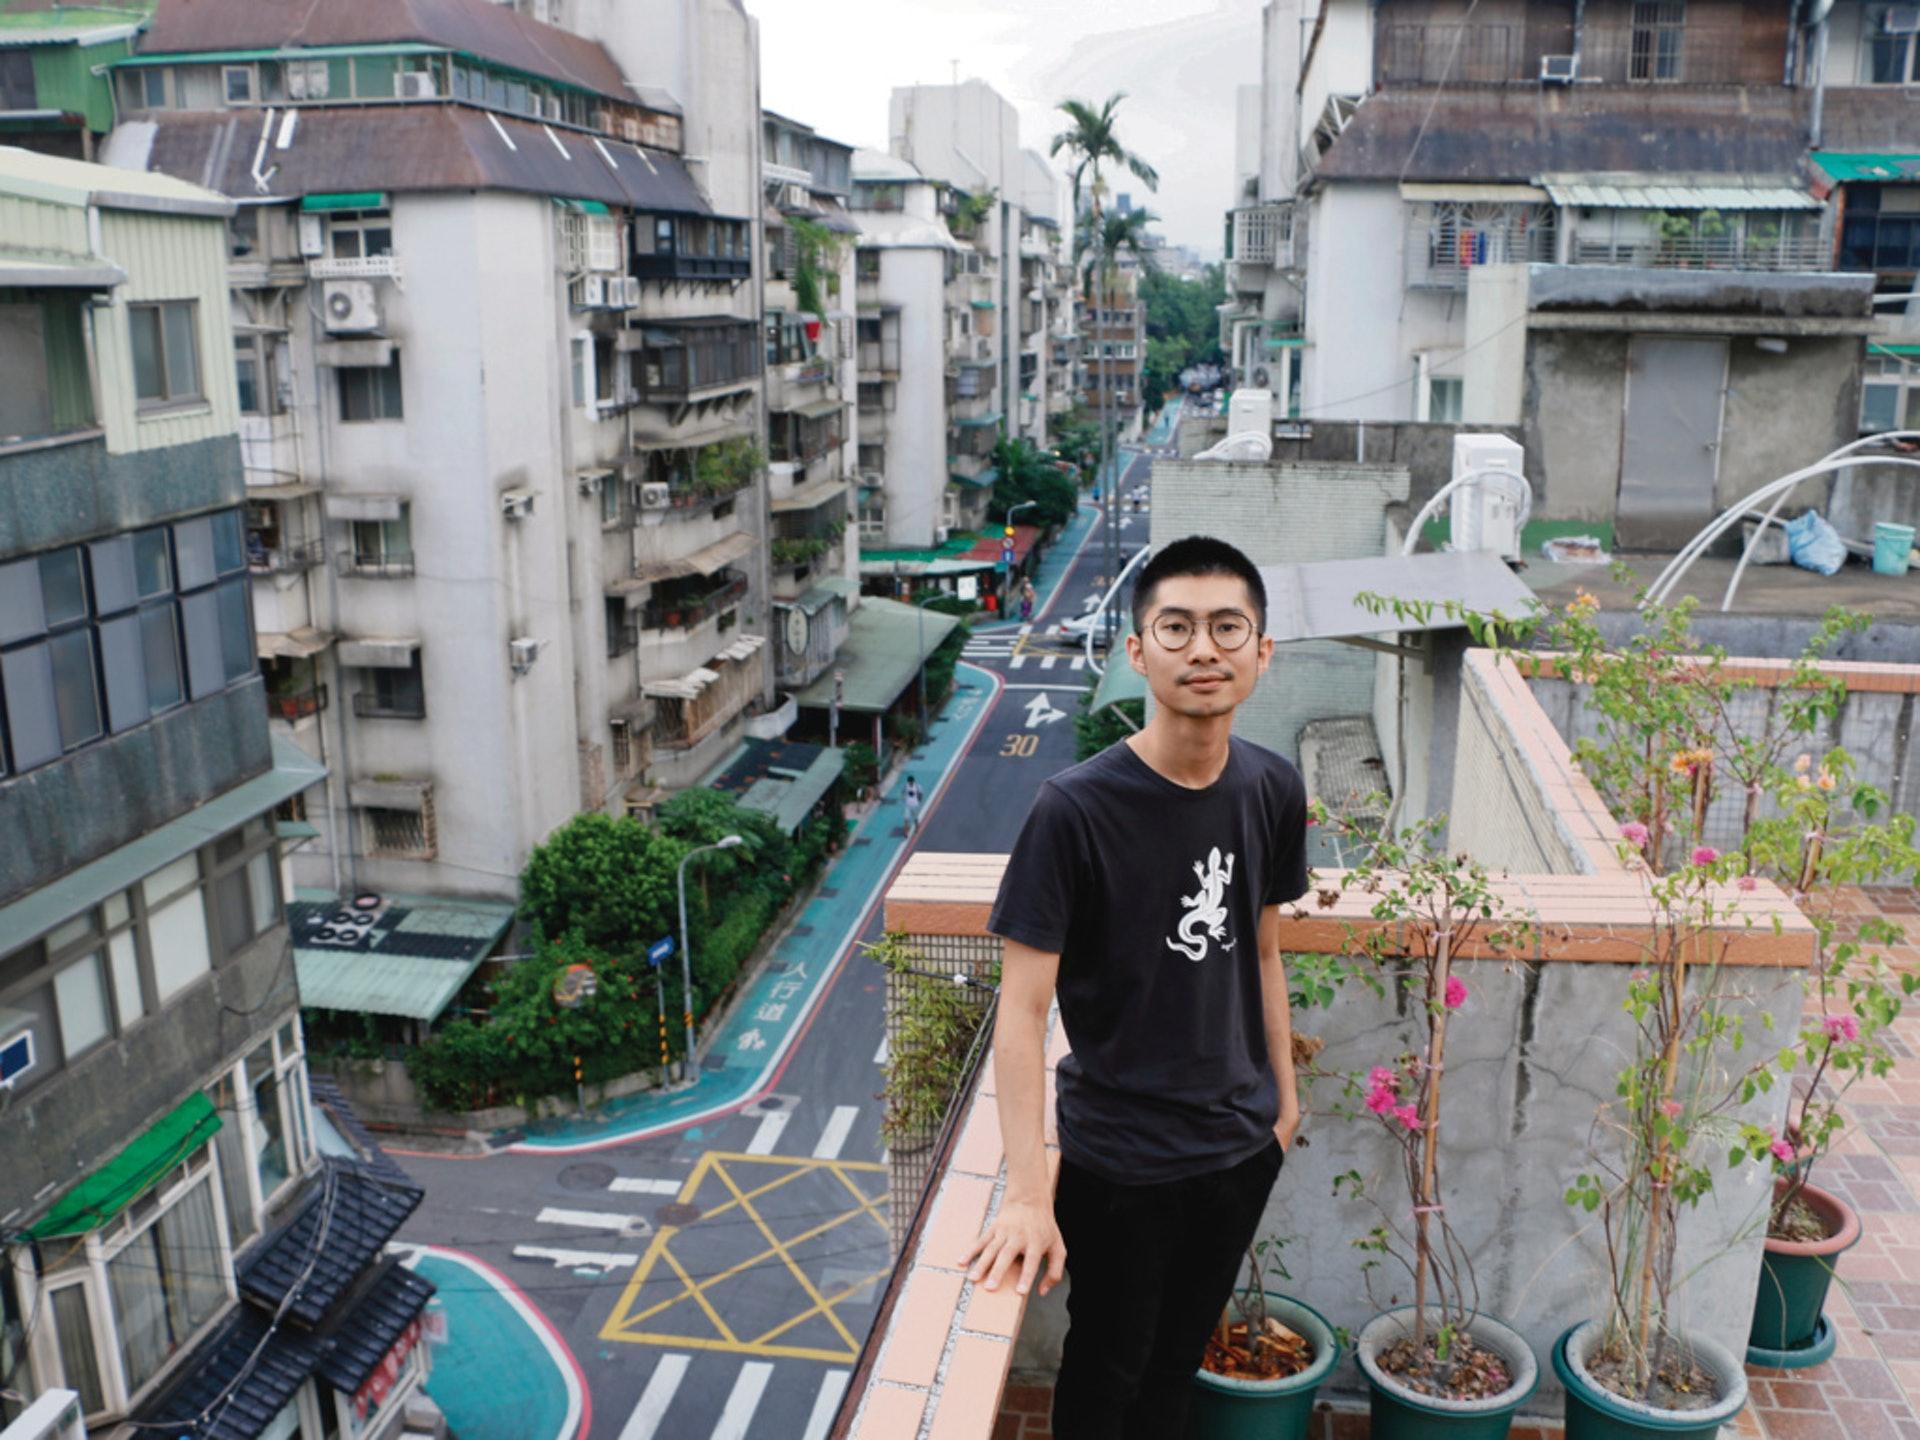 玖樓創辦人柯伯麟強調,在打造共居空間時也會把屋主視為社群一份子。(杜晉軒攝)